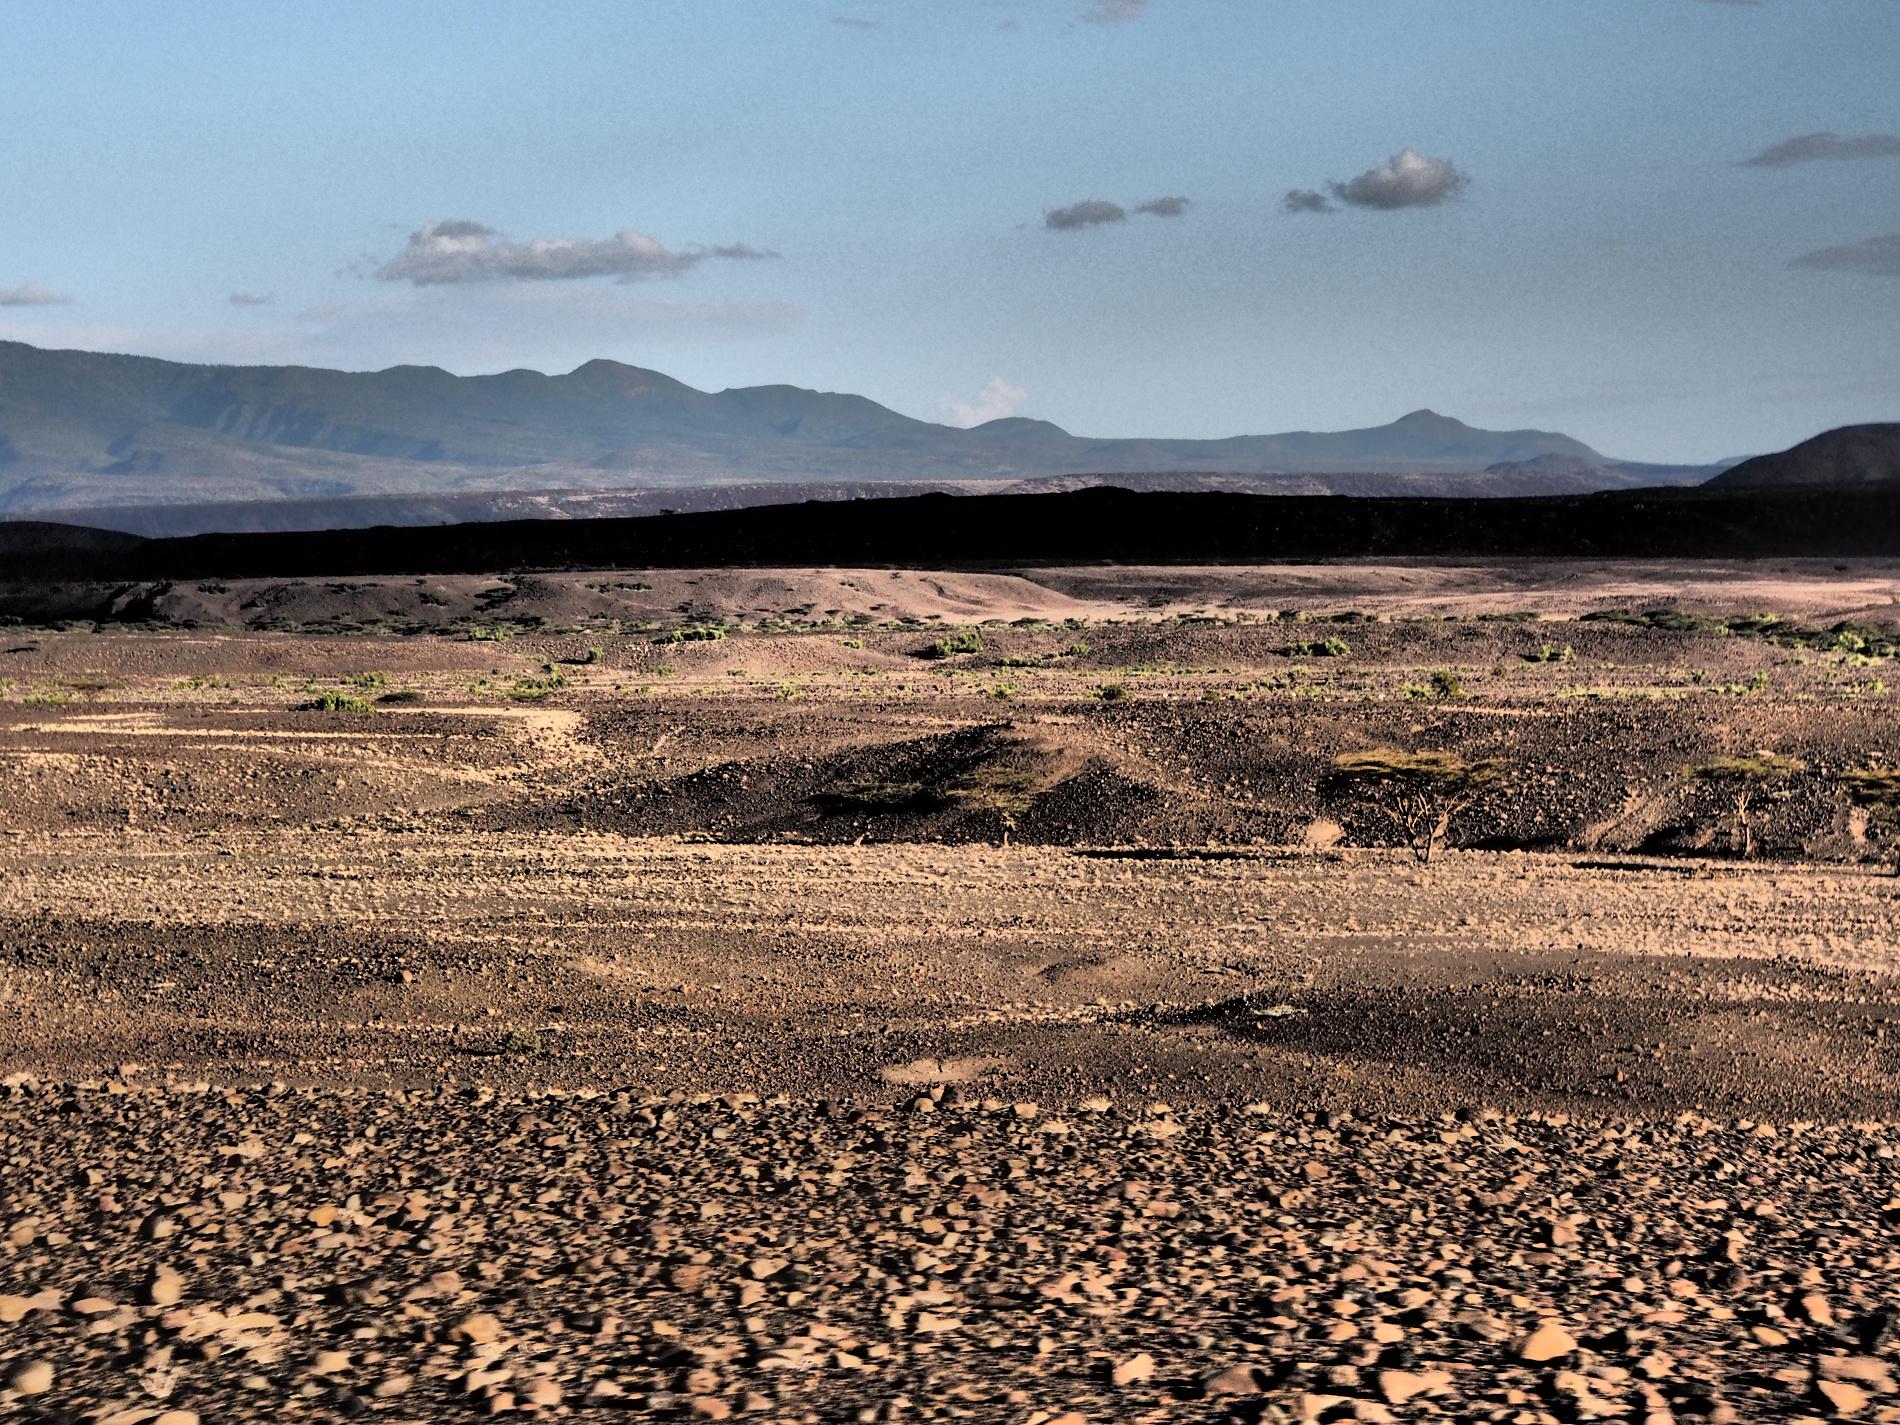 V pozadí sa dvíha horský masív pohoria Mt. Kulal (pohľad od jazera Turkana).